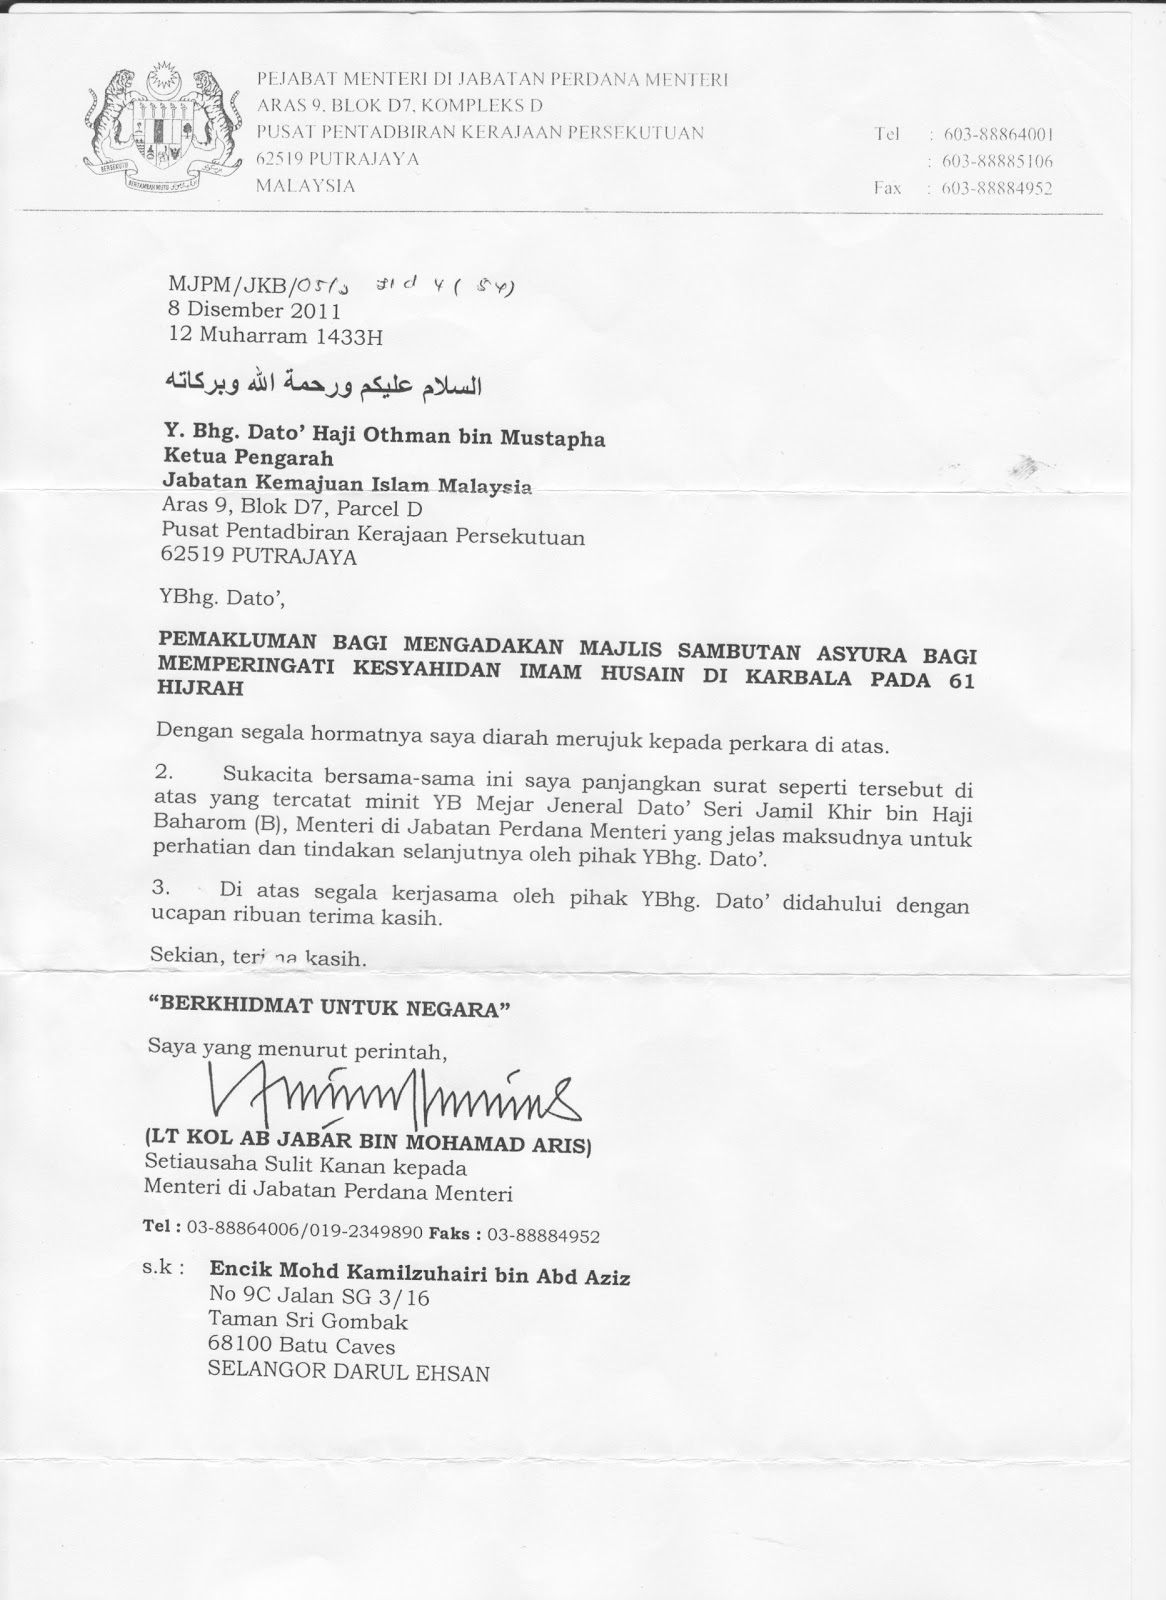 Surat Kiriman Rasmi Kepada Perdana Menteri